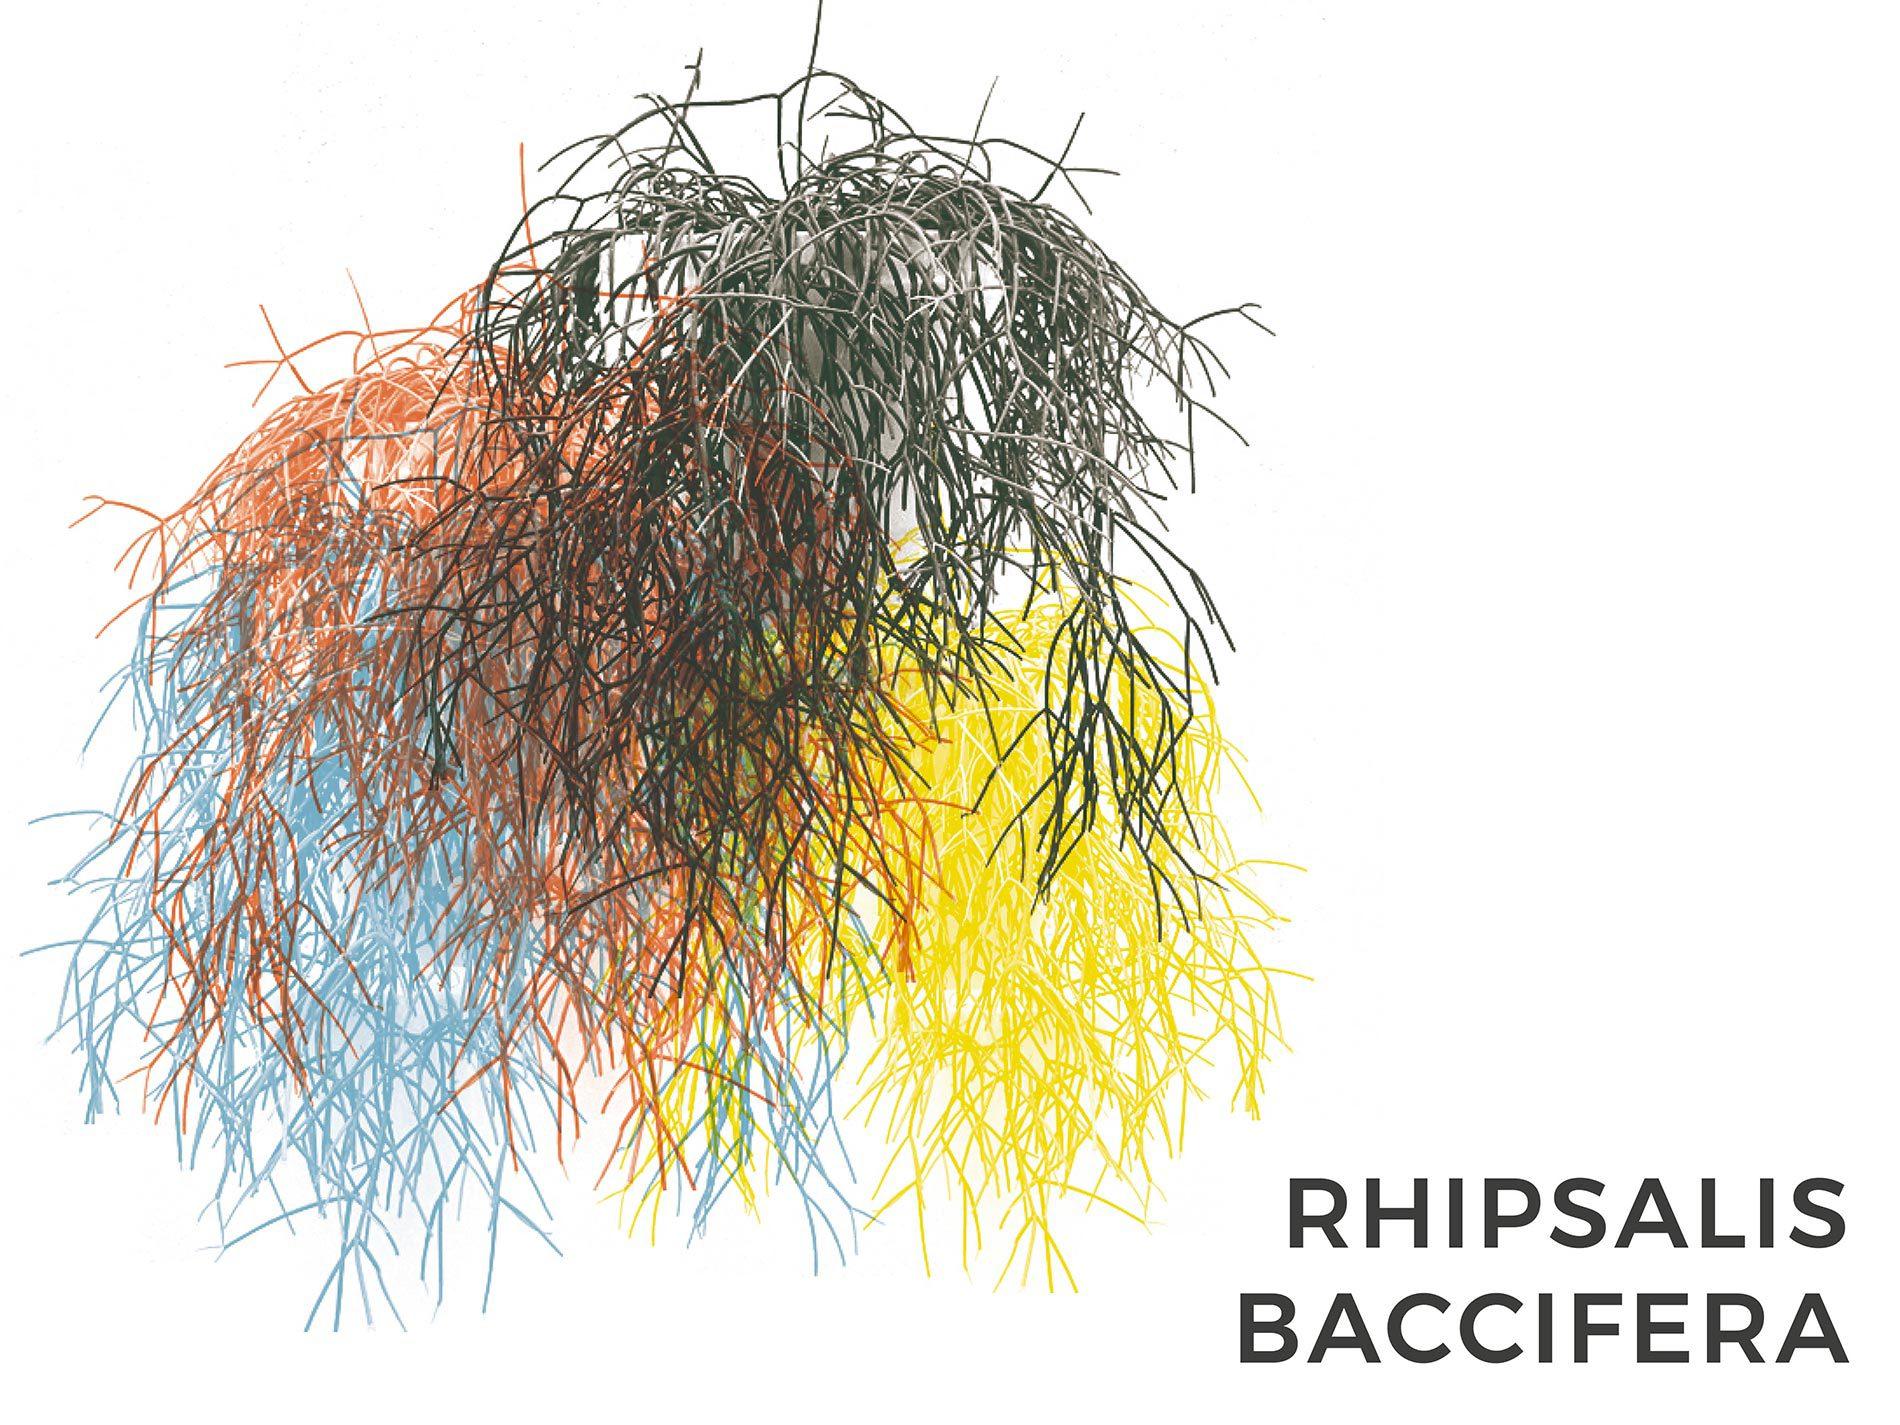 rhipsalis baccifera pianta capelli consigli e cura